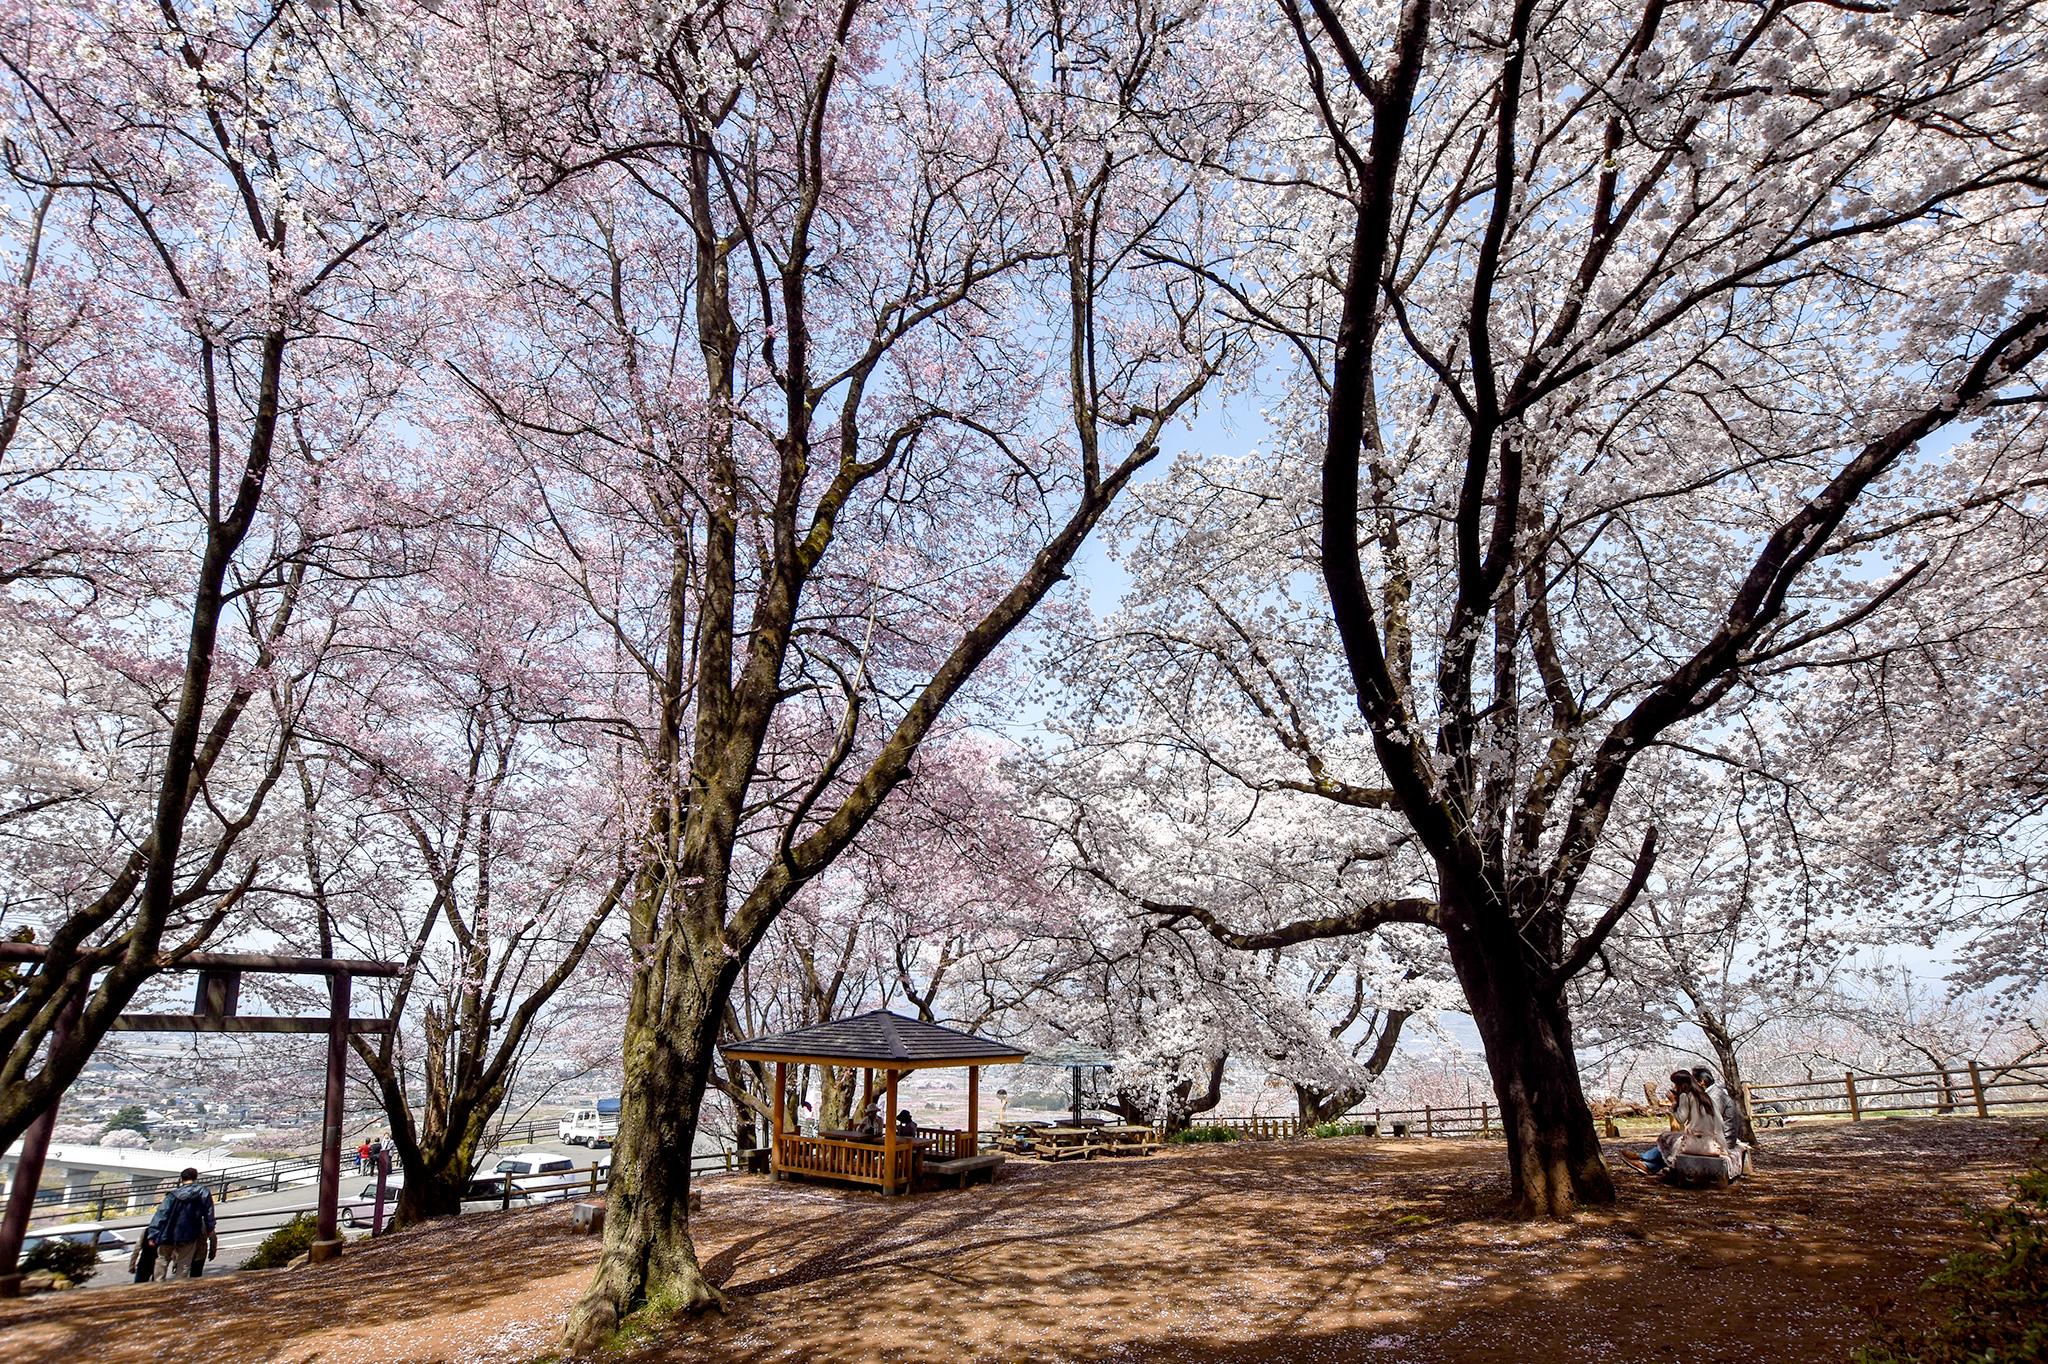 花鳥山一本杉公園の桜 写真2